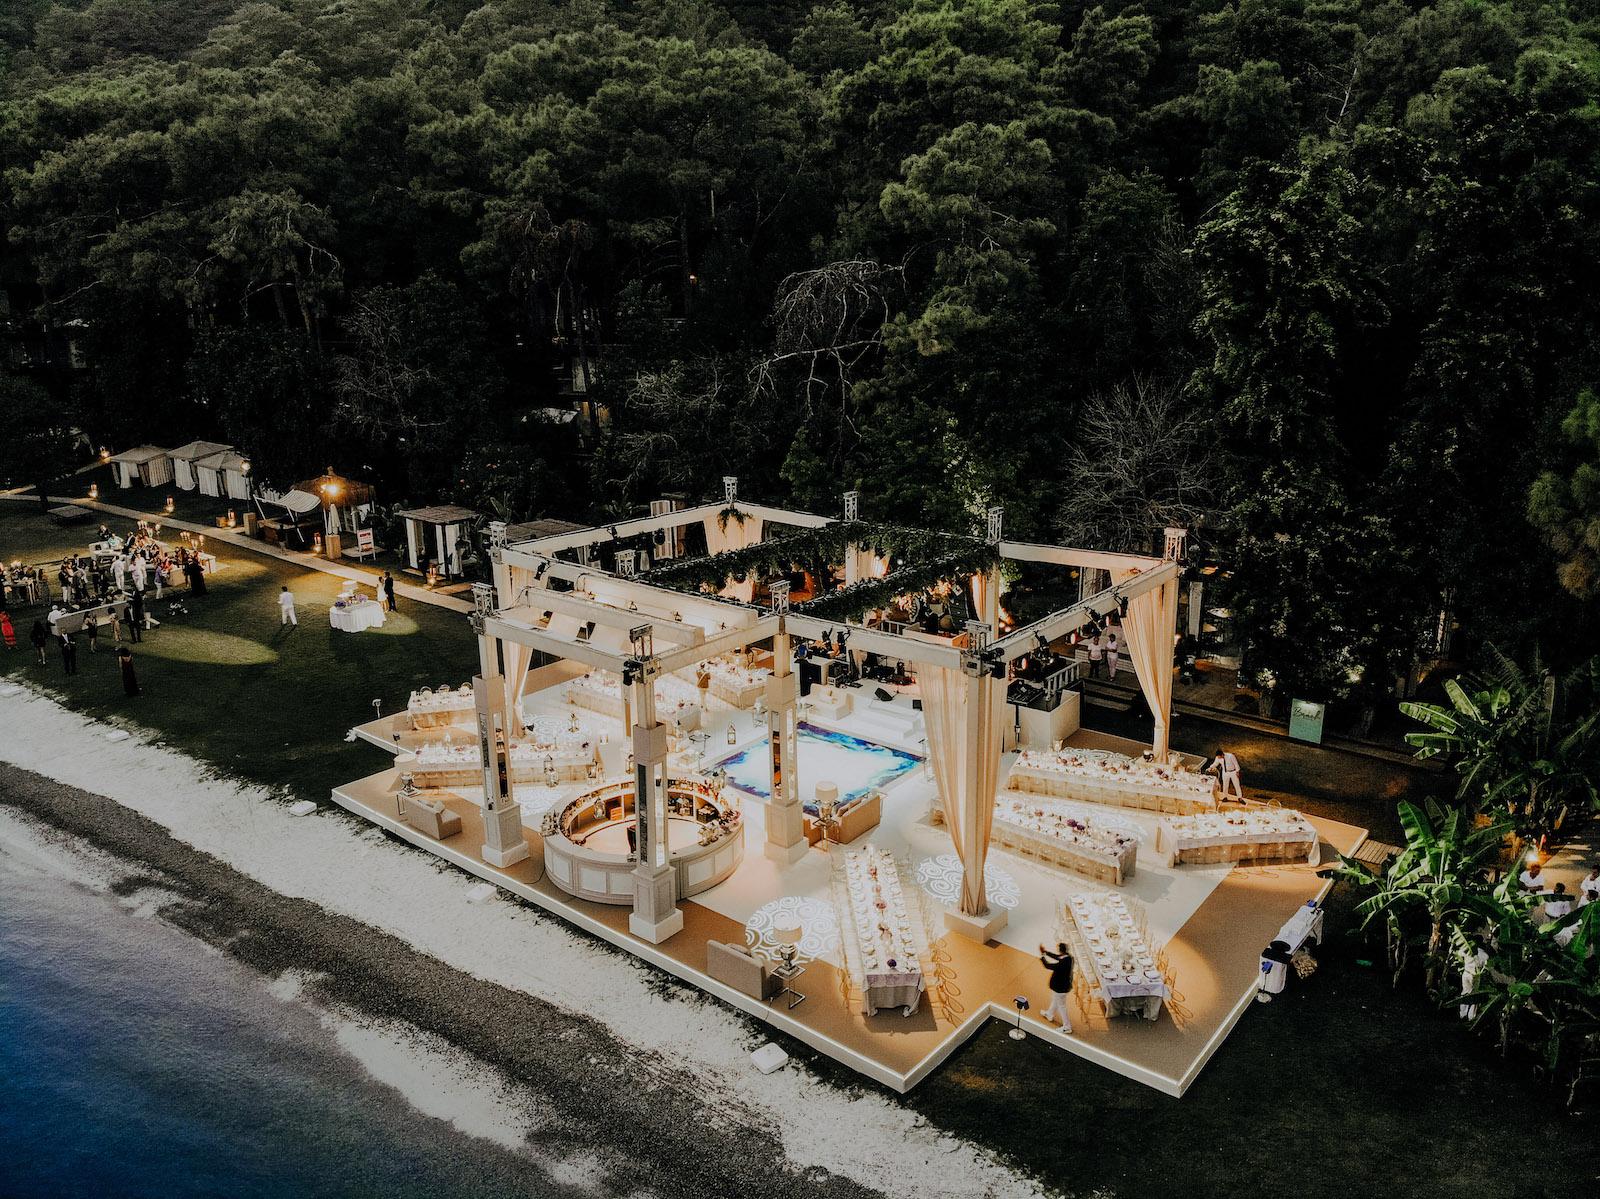 Rixos Göcek Wedding 1 15.09.2018